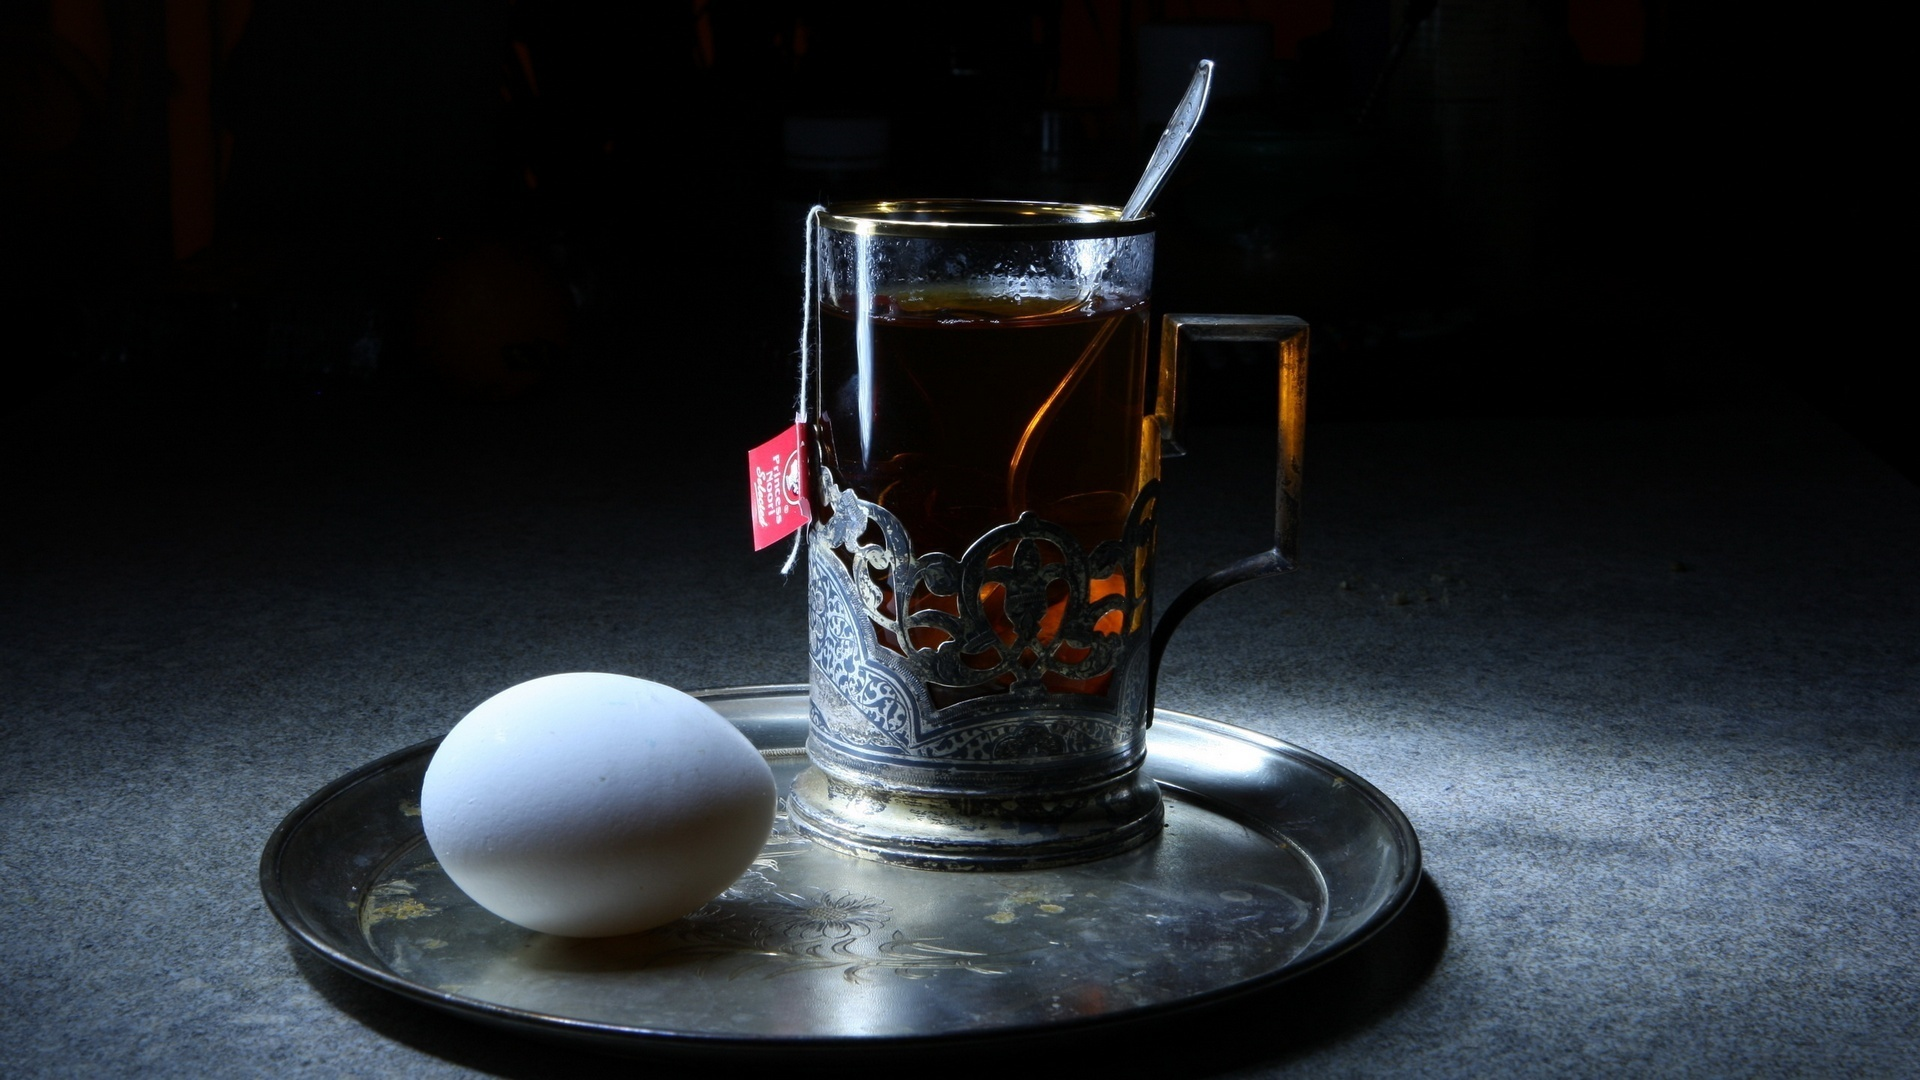 Пакетик чая в прозрачной чашке на телефон